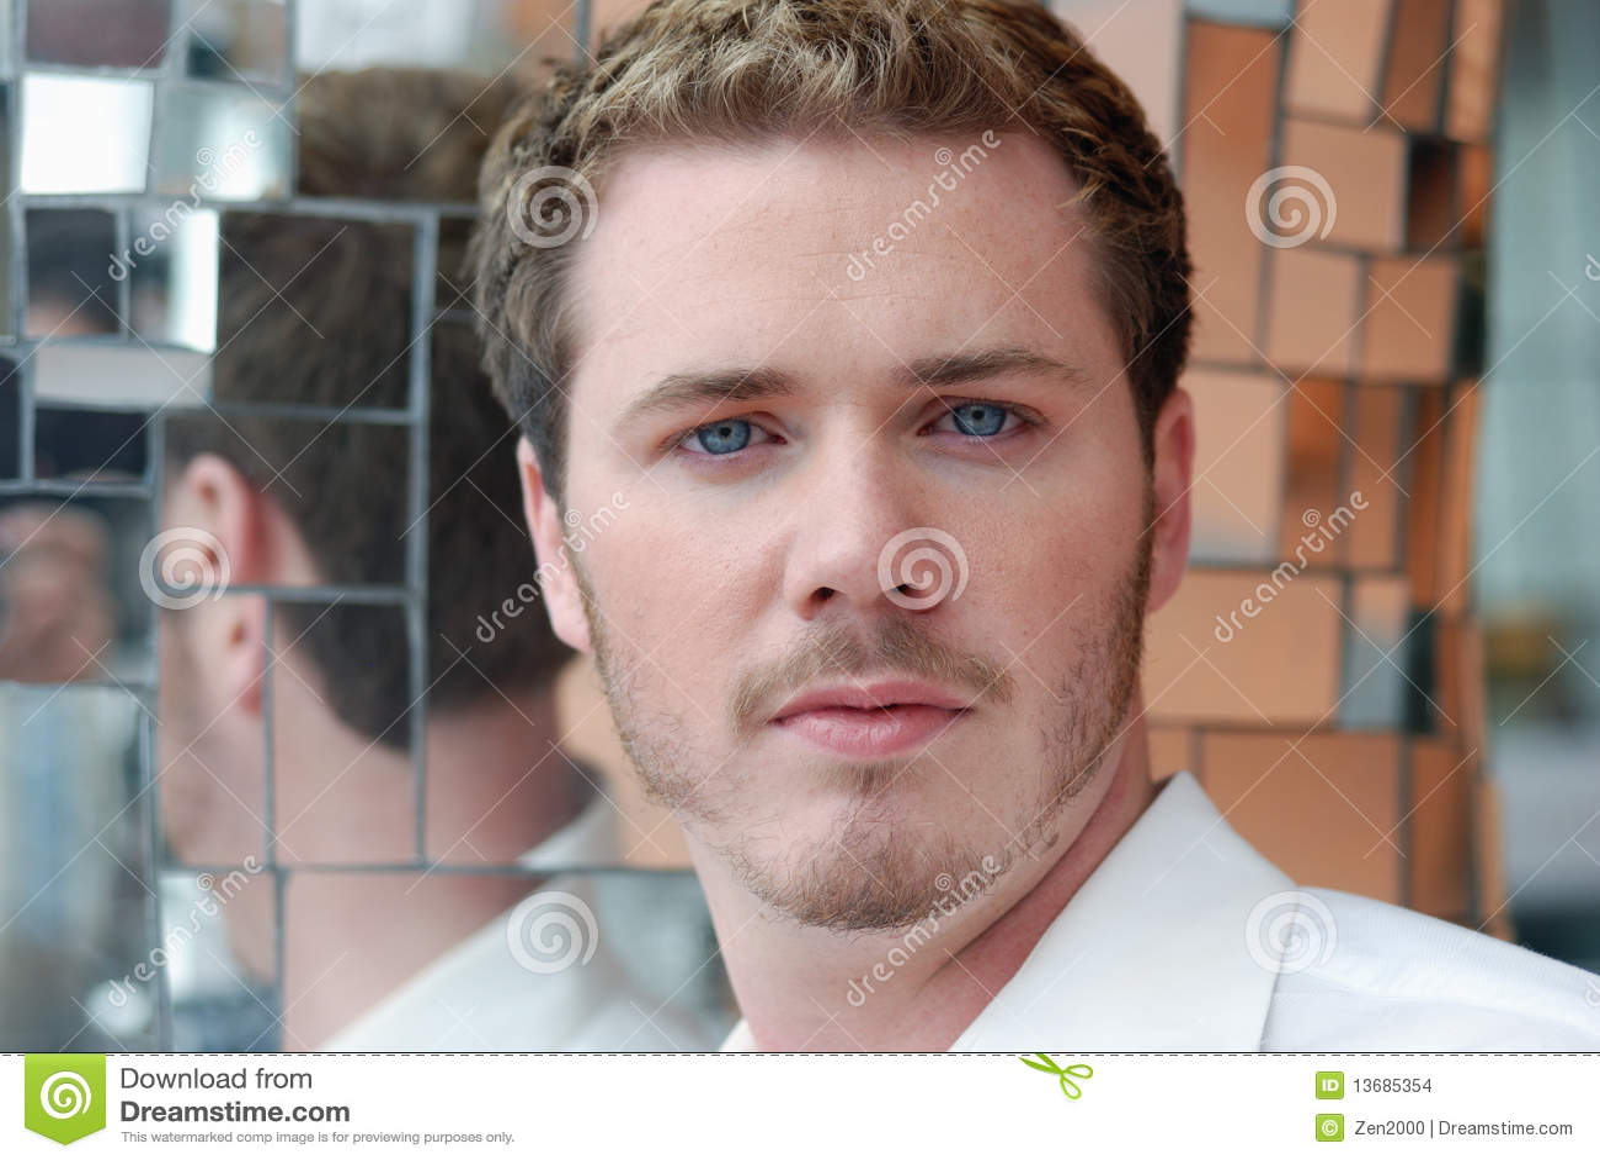 Hombre Del Pelo Rubio Con Los Ojos Azules Foto De Archivo Imagen - Pelo-rubio-hombre